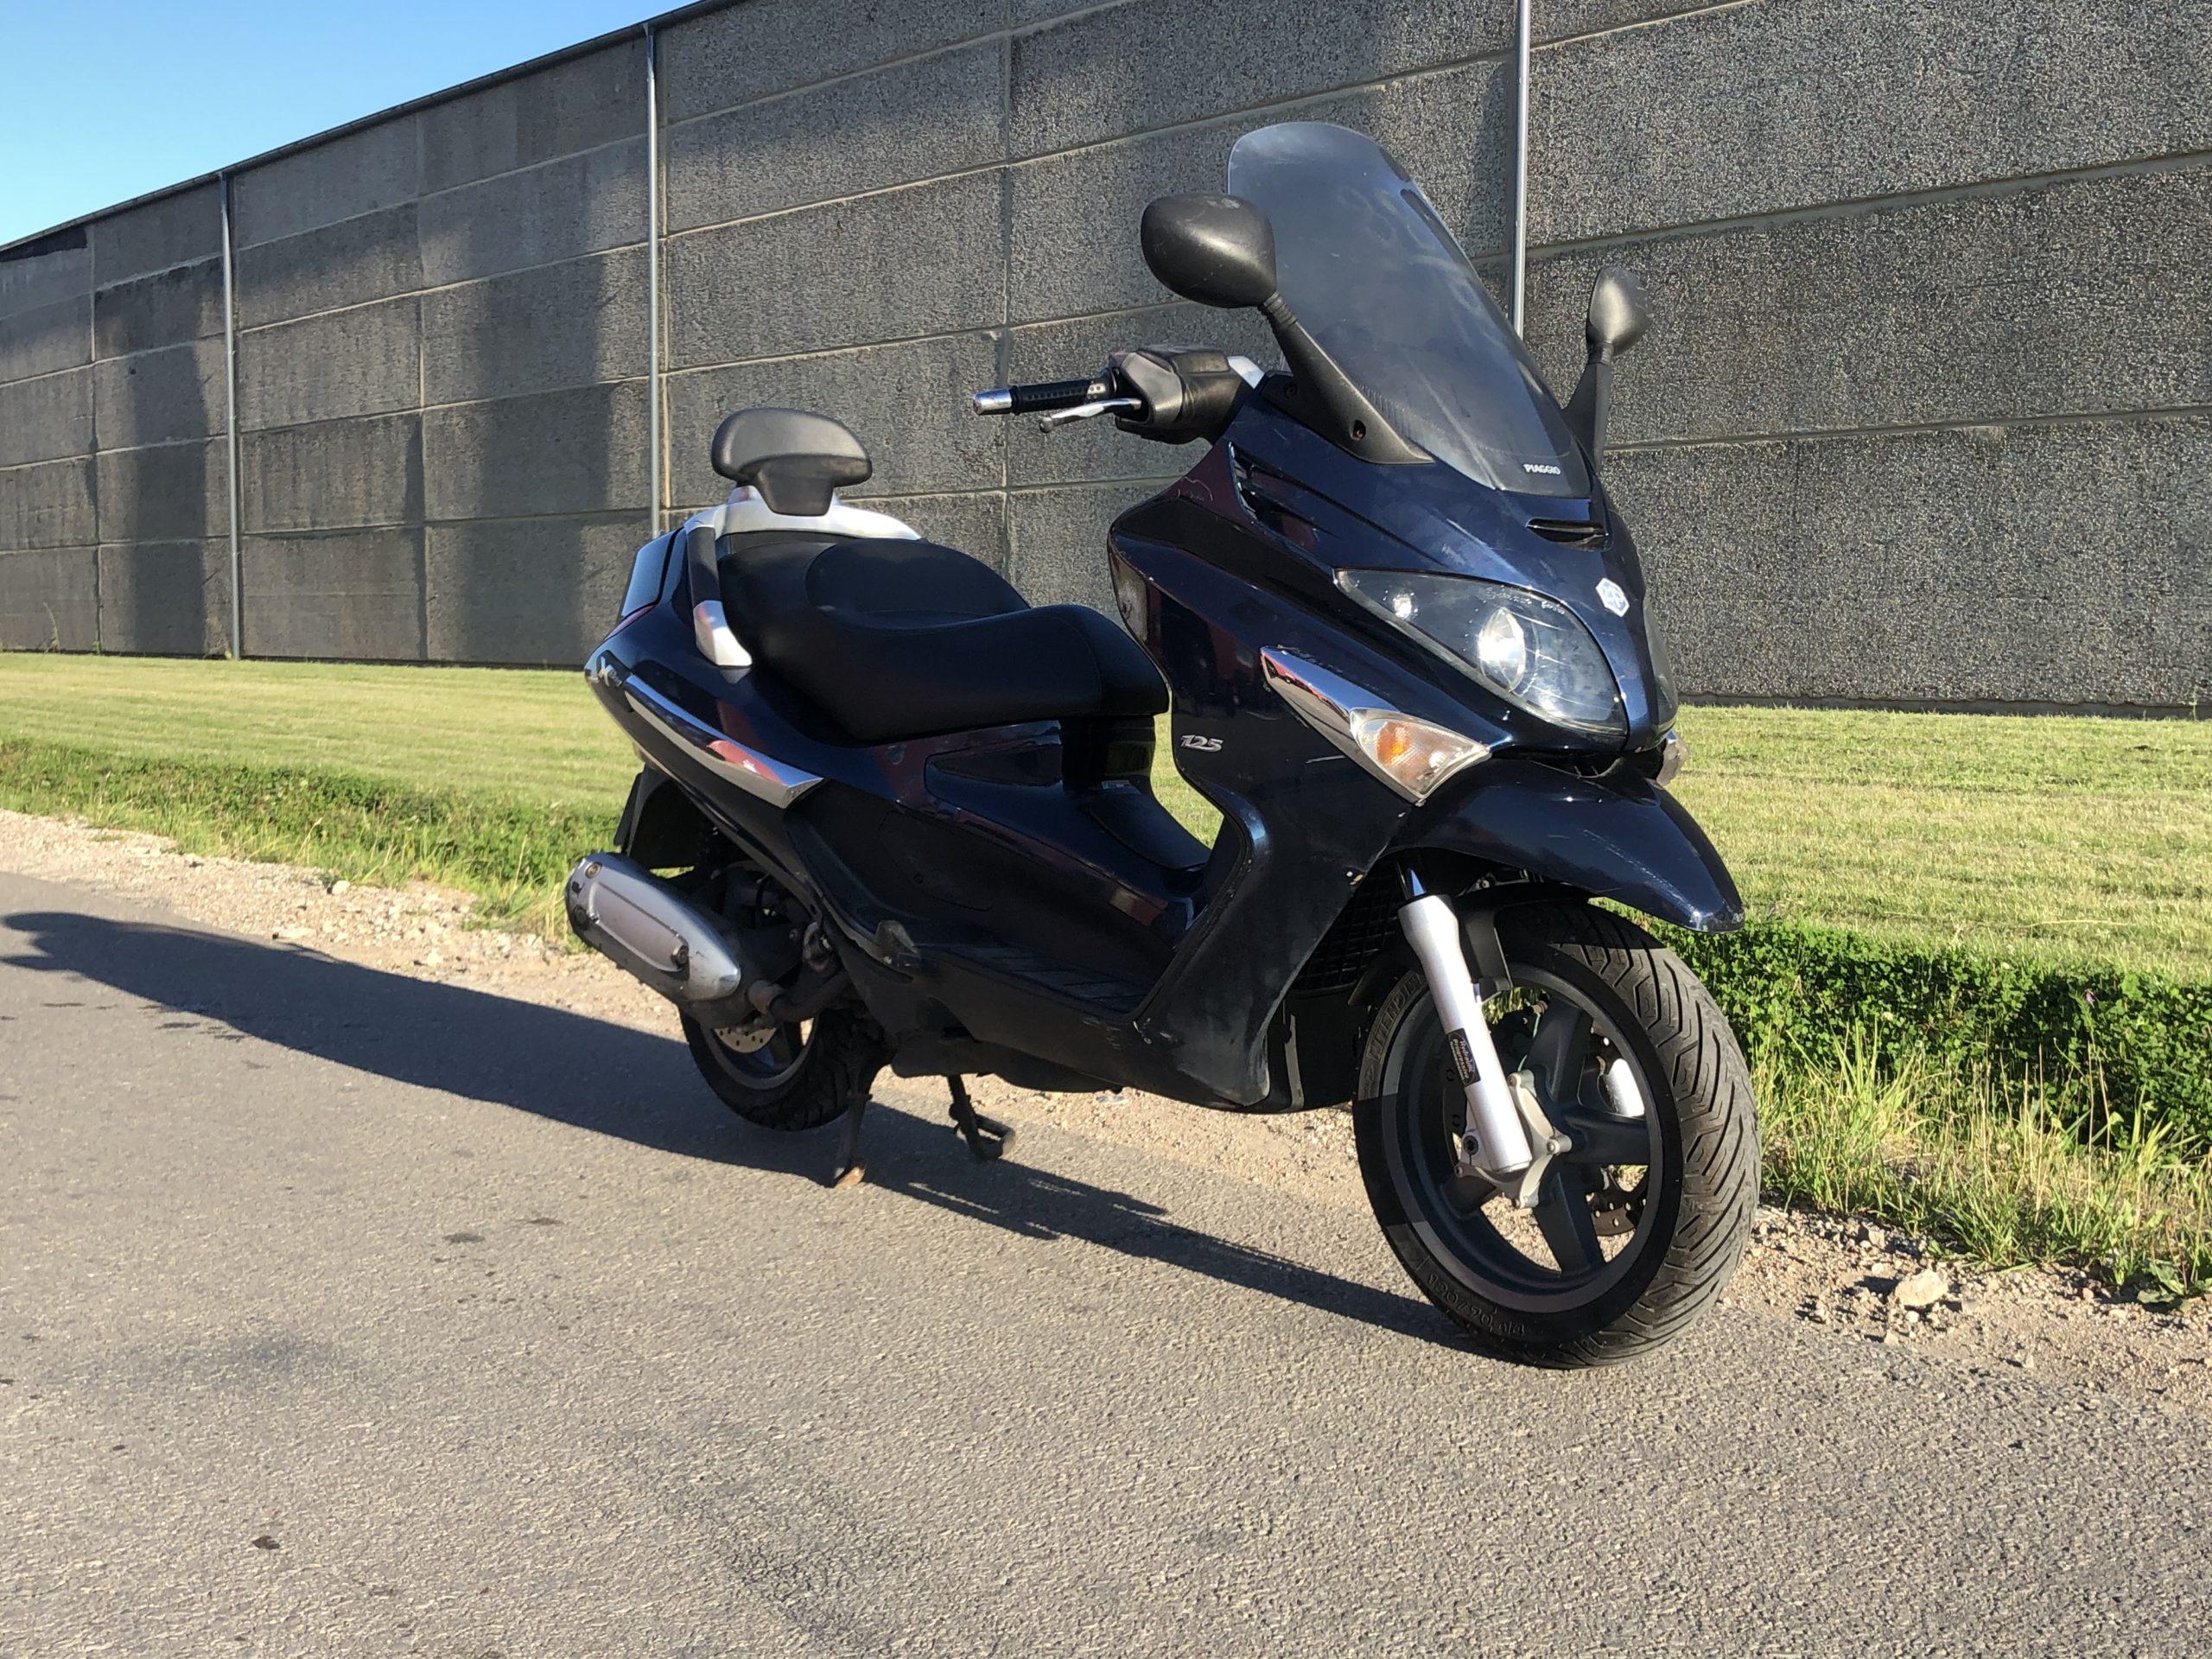 Piaggio Xevo 125 cc 2010.g